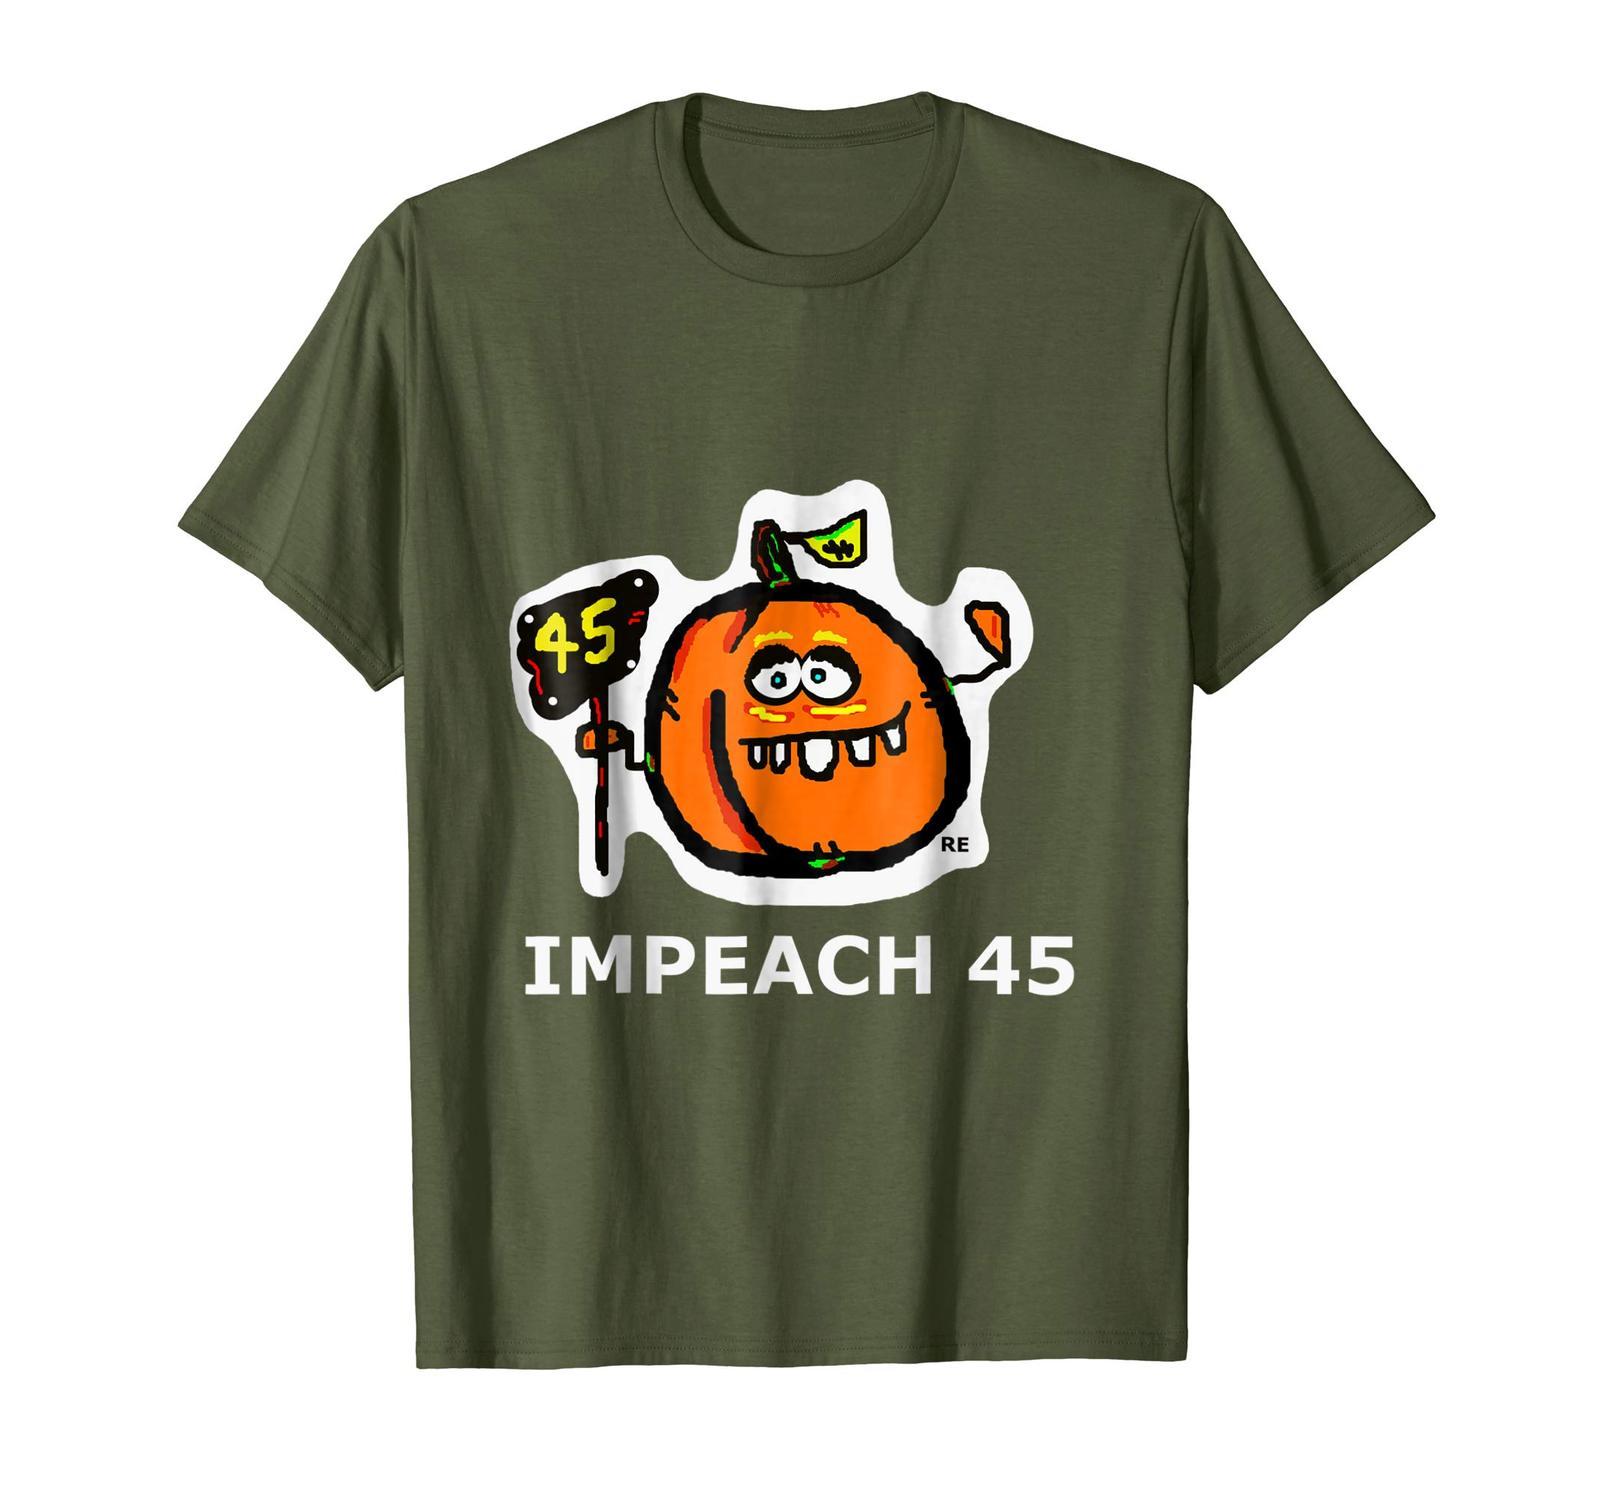 Teacher Style - Anti Trump Shirt Trumpeach 45th President Impeach 45 T-Shirt Men